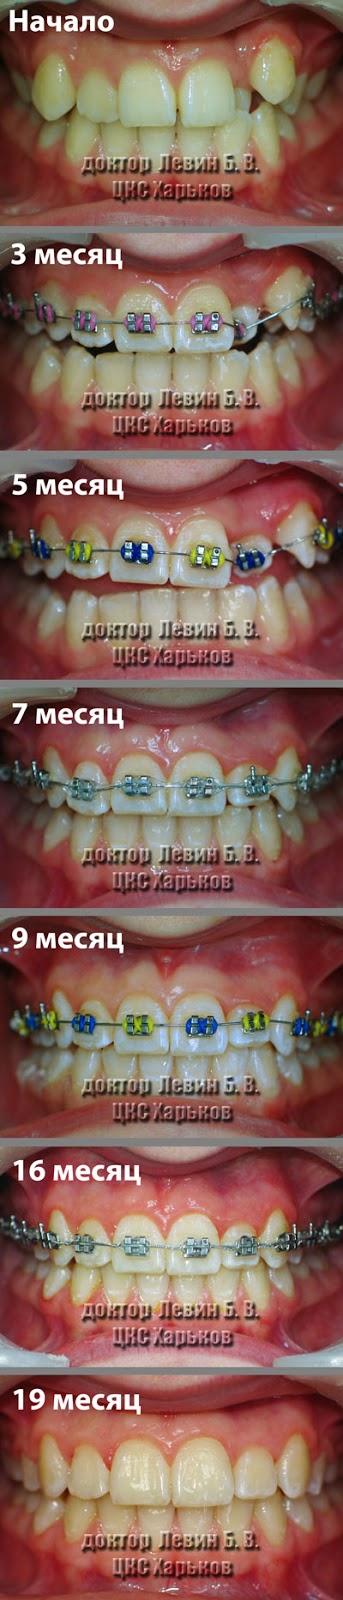 серия фотографий отражающая этапы ортодонтического лечения на протяжении 19 месяцев